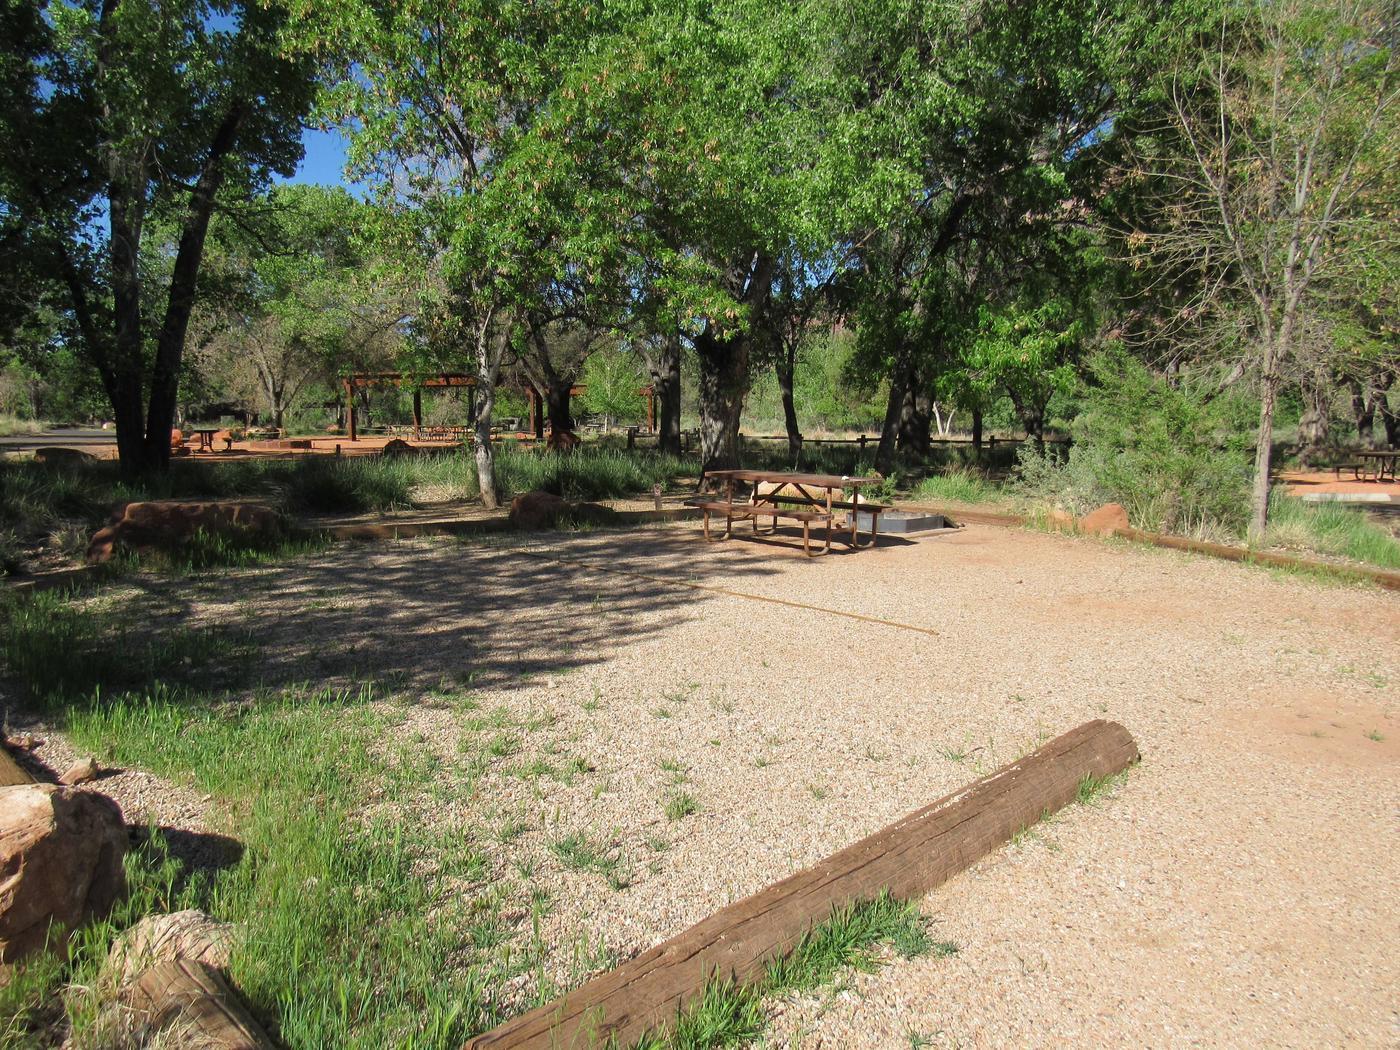 C15 campingC15 campsite